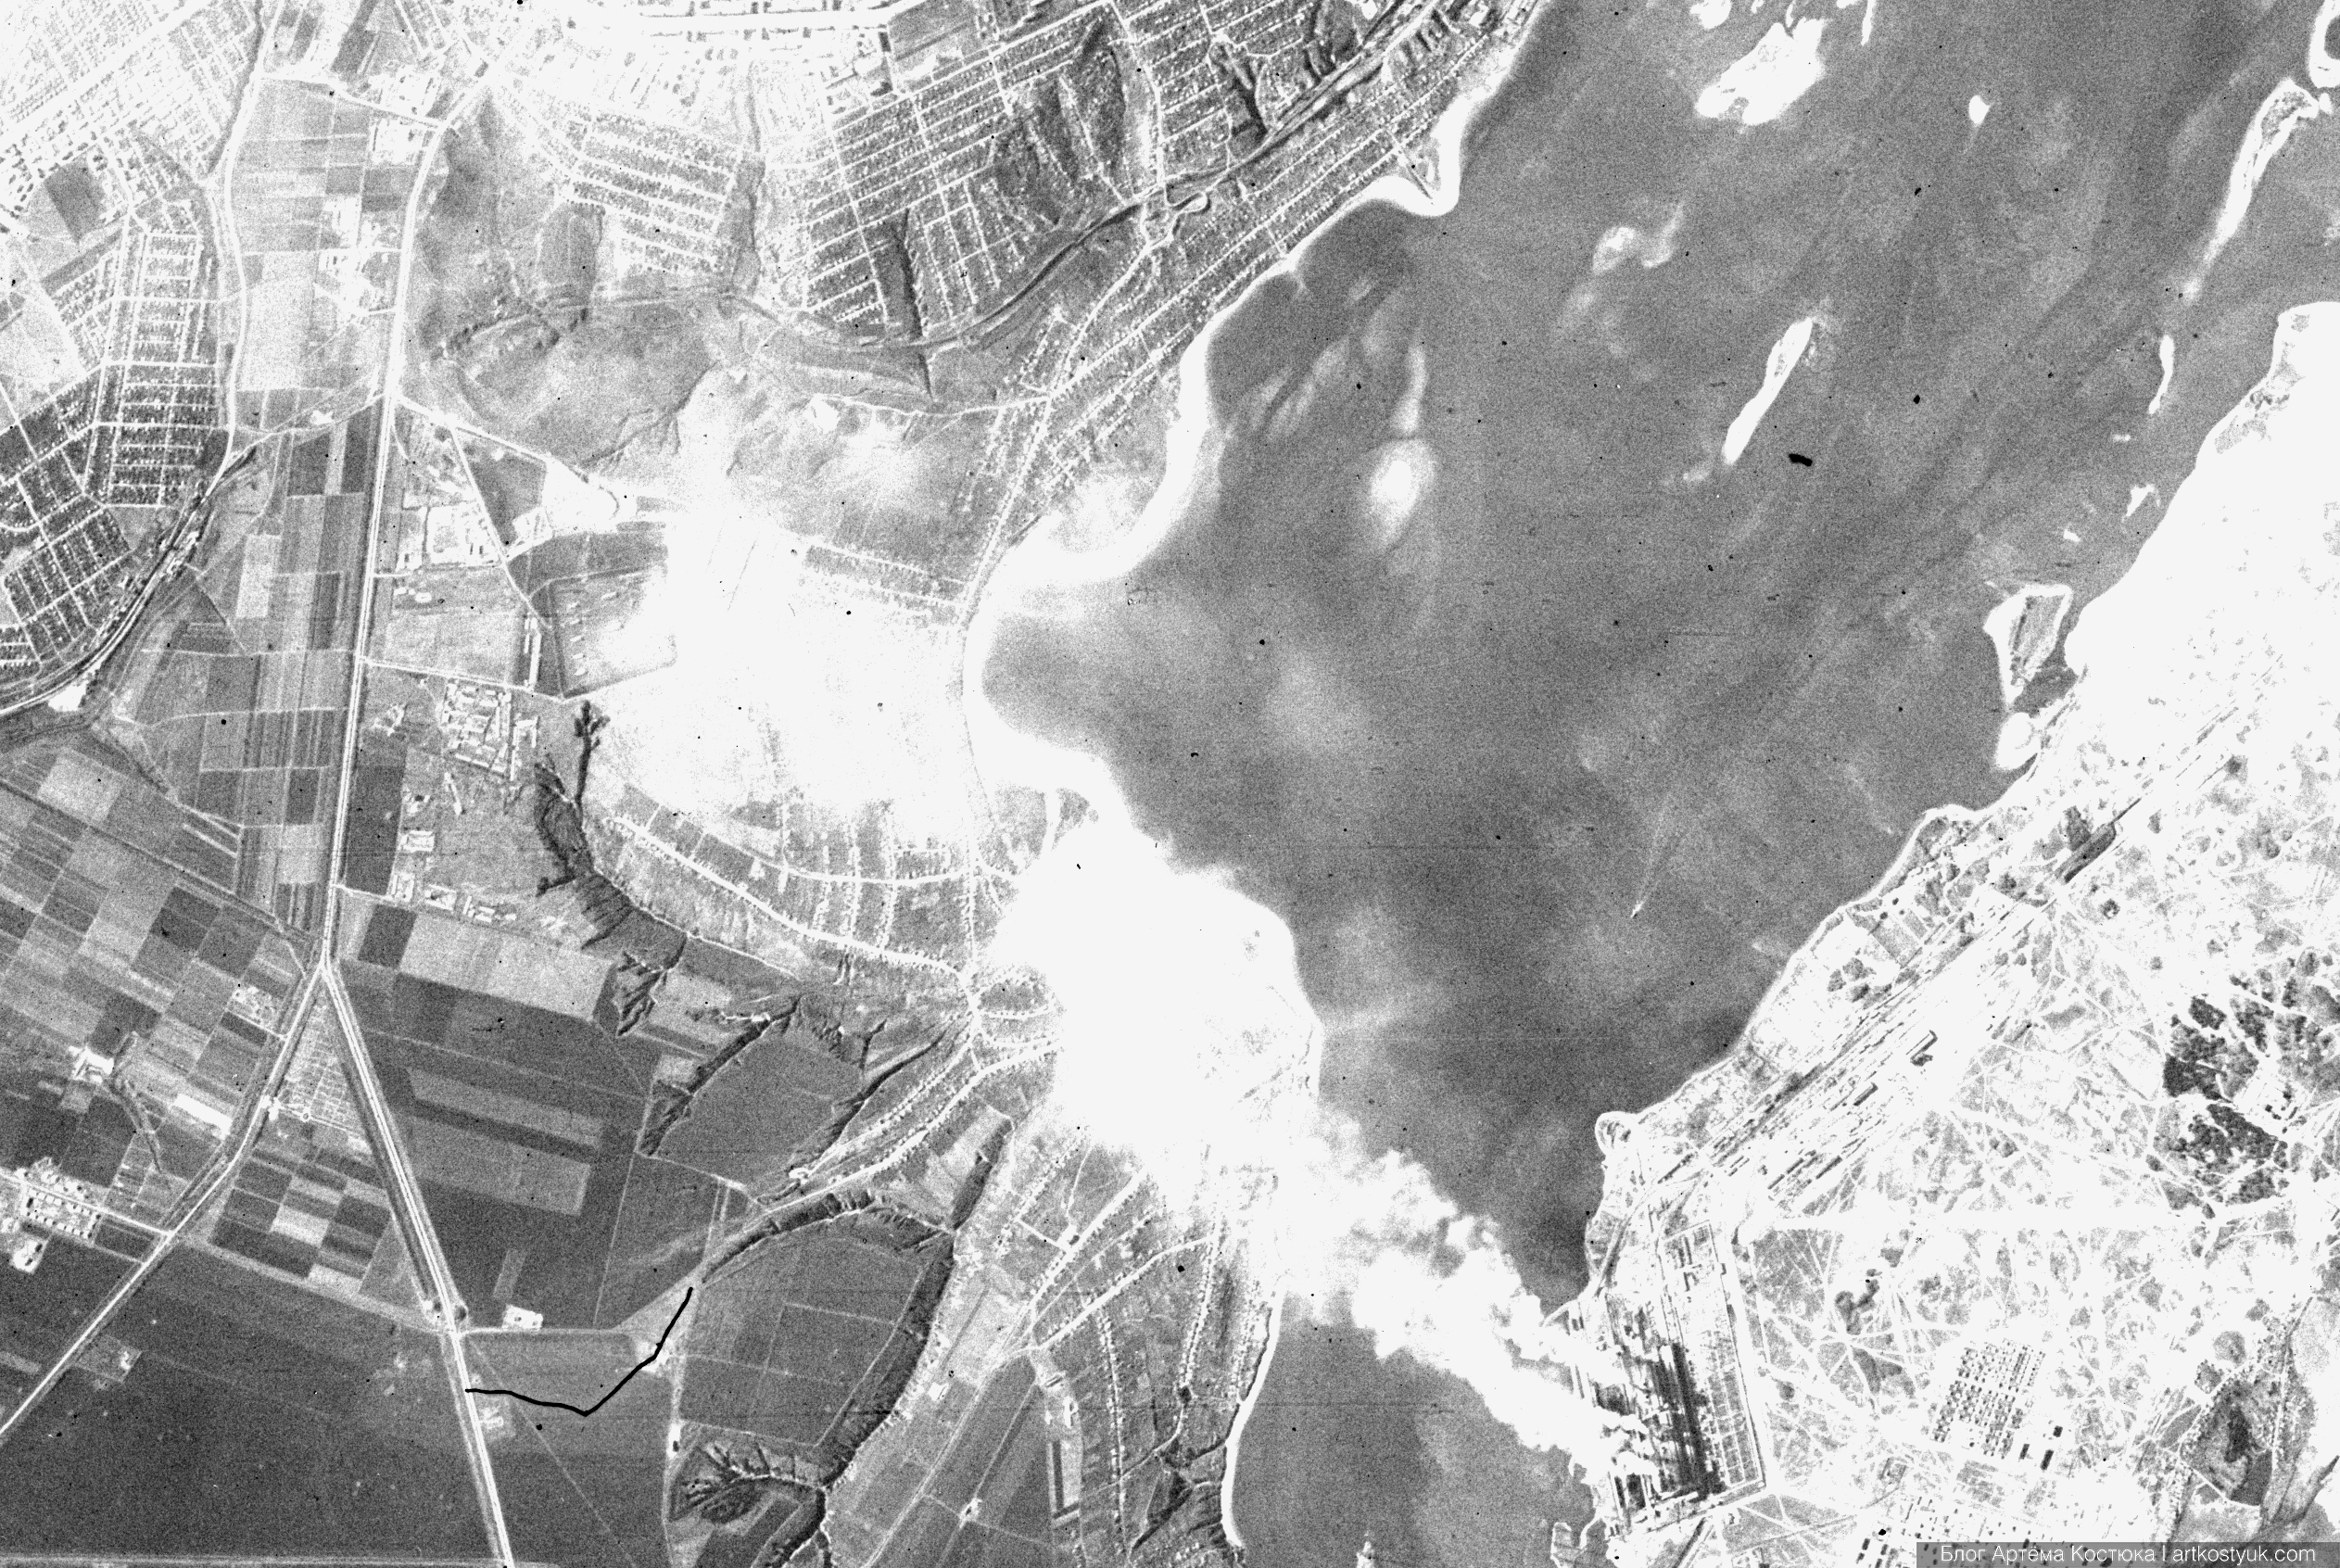 спутниковый снимок Днепропетровска 1962 года